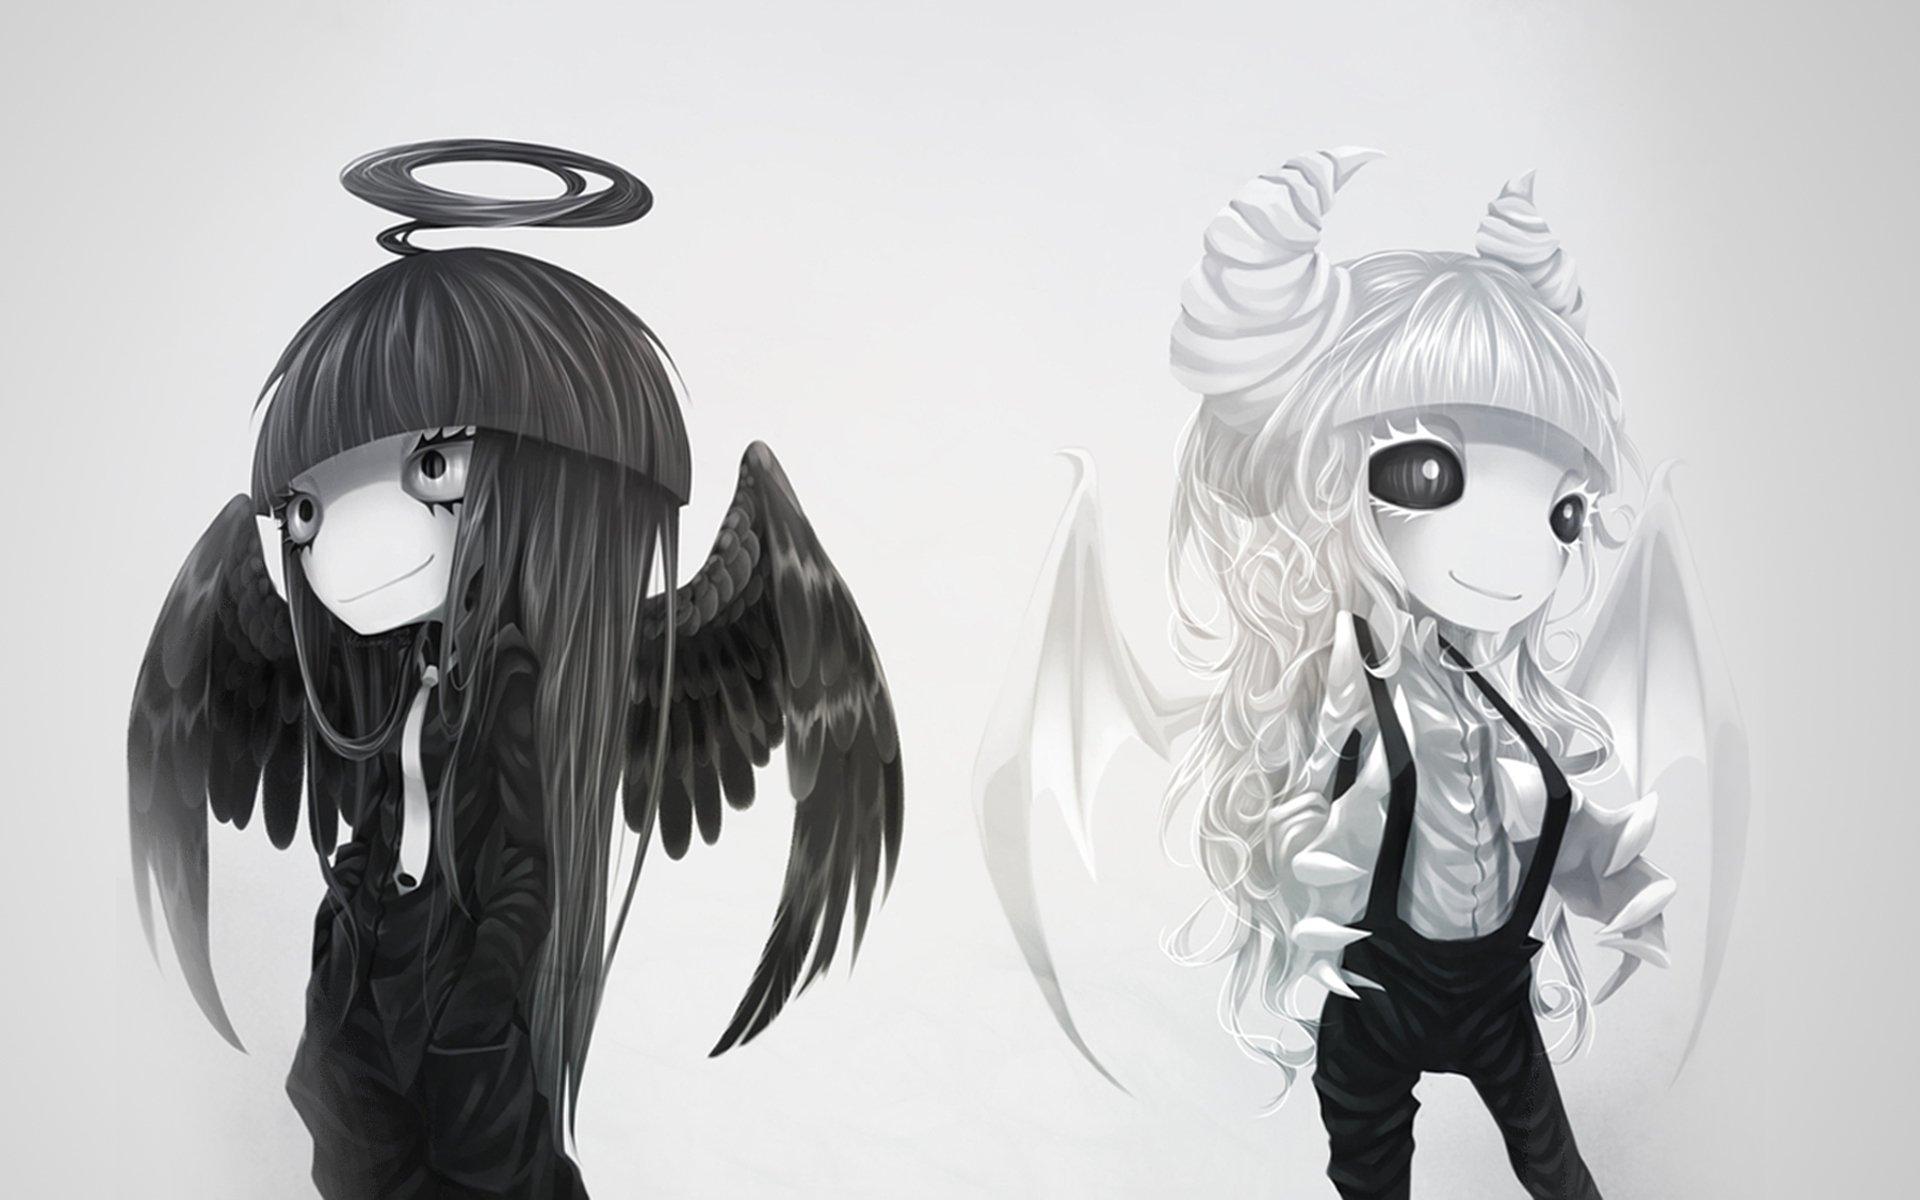 Девушки ангел и демон рисованные